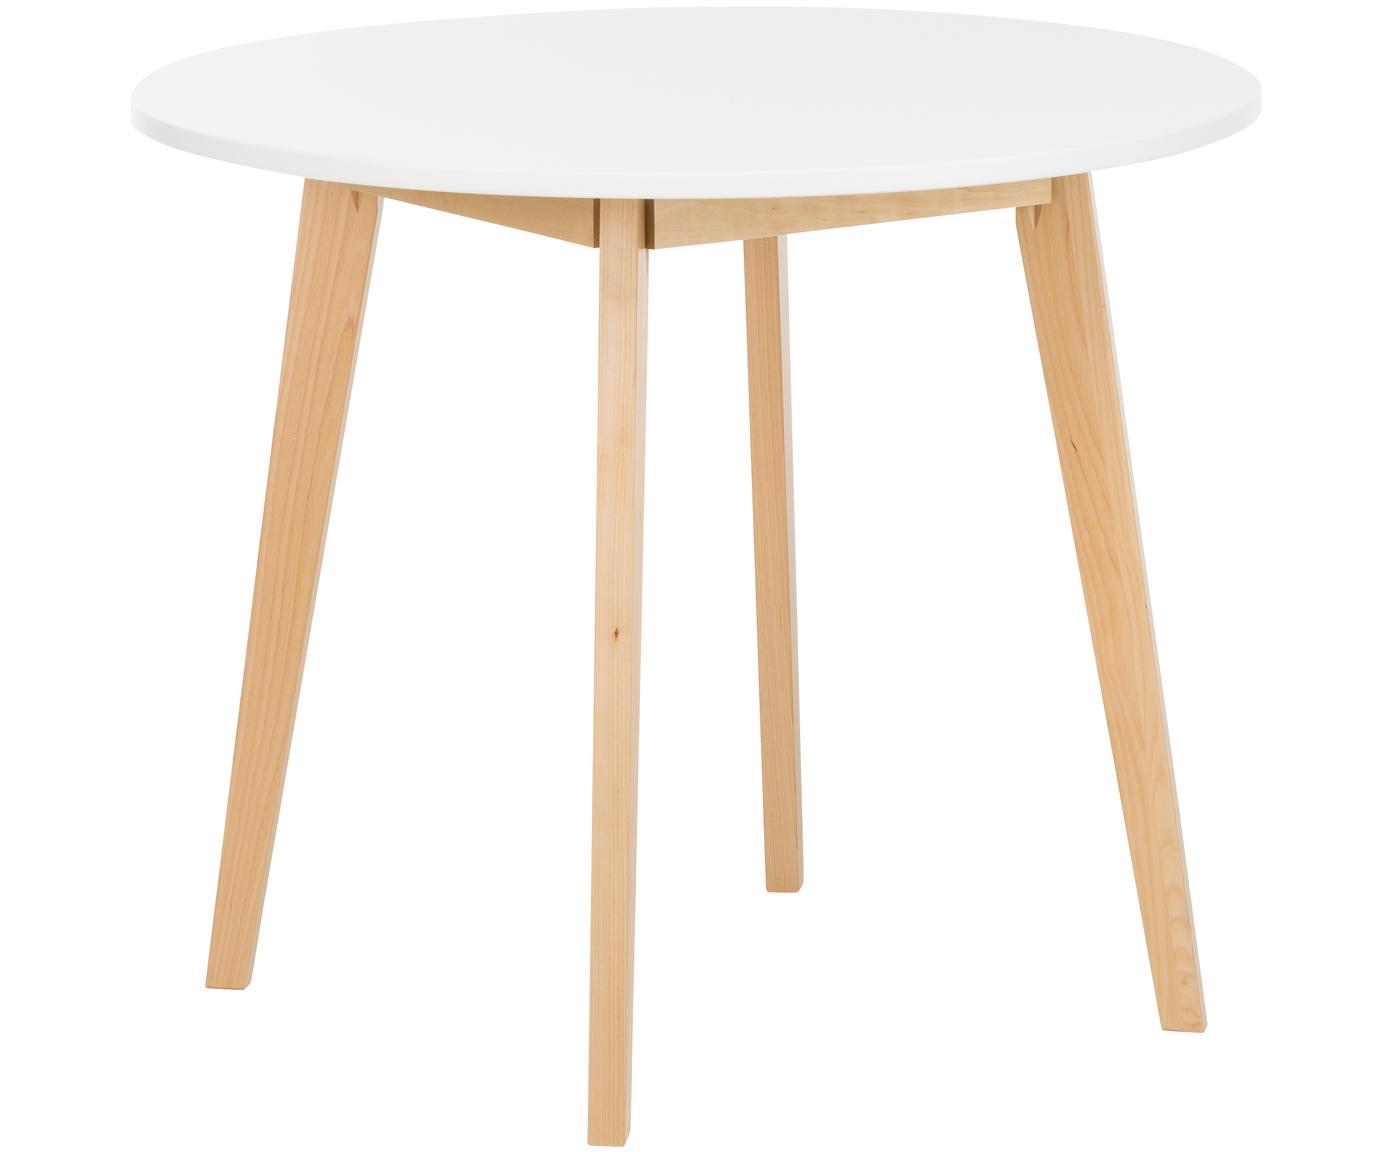 Mały stół do jadalni Raven, Nogi: drewno brzozowe, naturaln, Blat: płyta pilśniowa średniej , Biały, drewno brzozowe, naturalny, Ø 90 cm